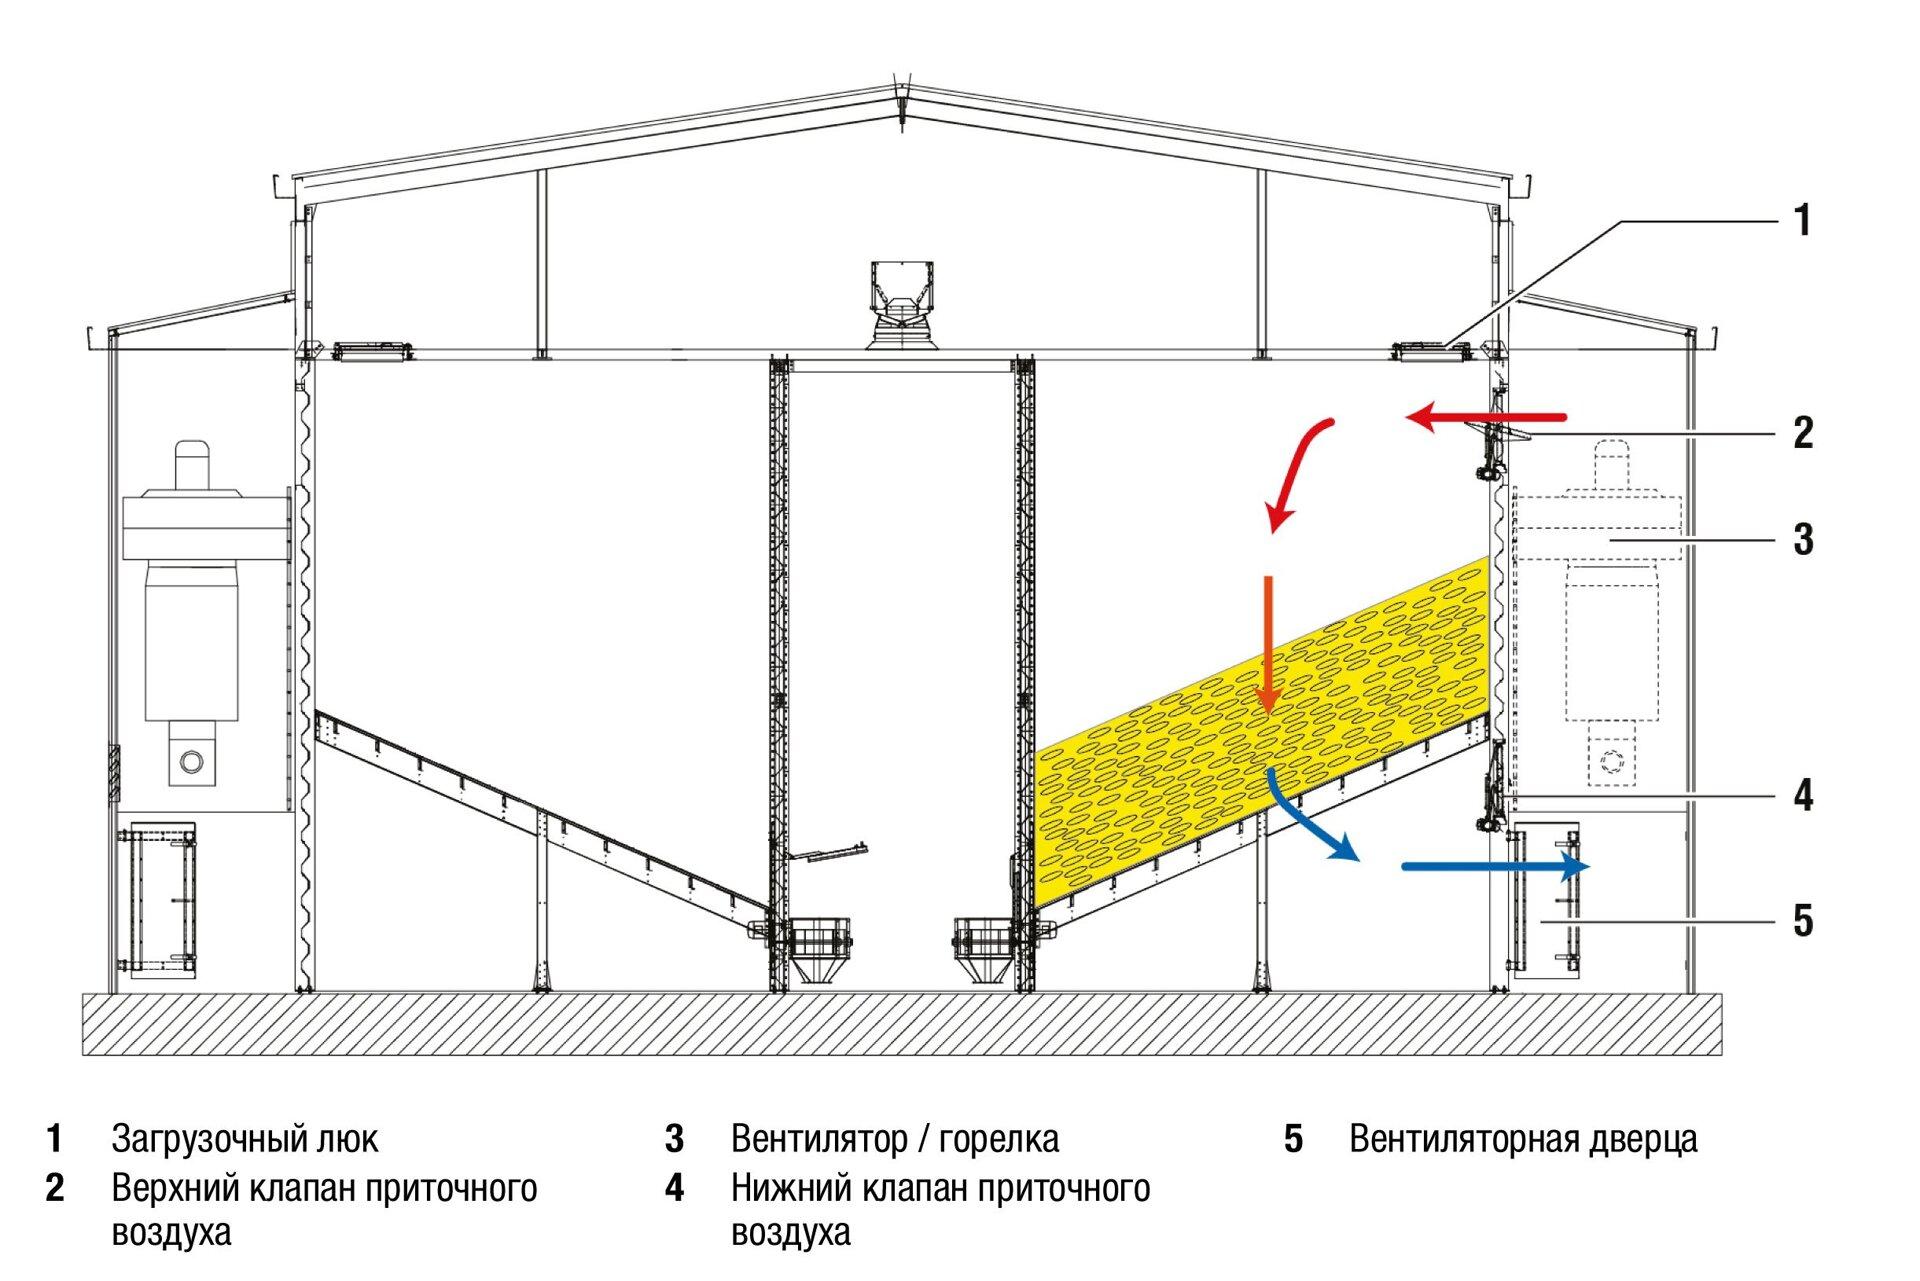 Сушильный цех для кукурузных початков Петкус в Крыму